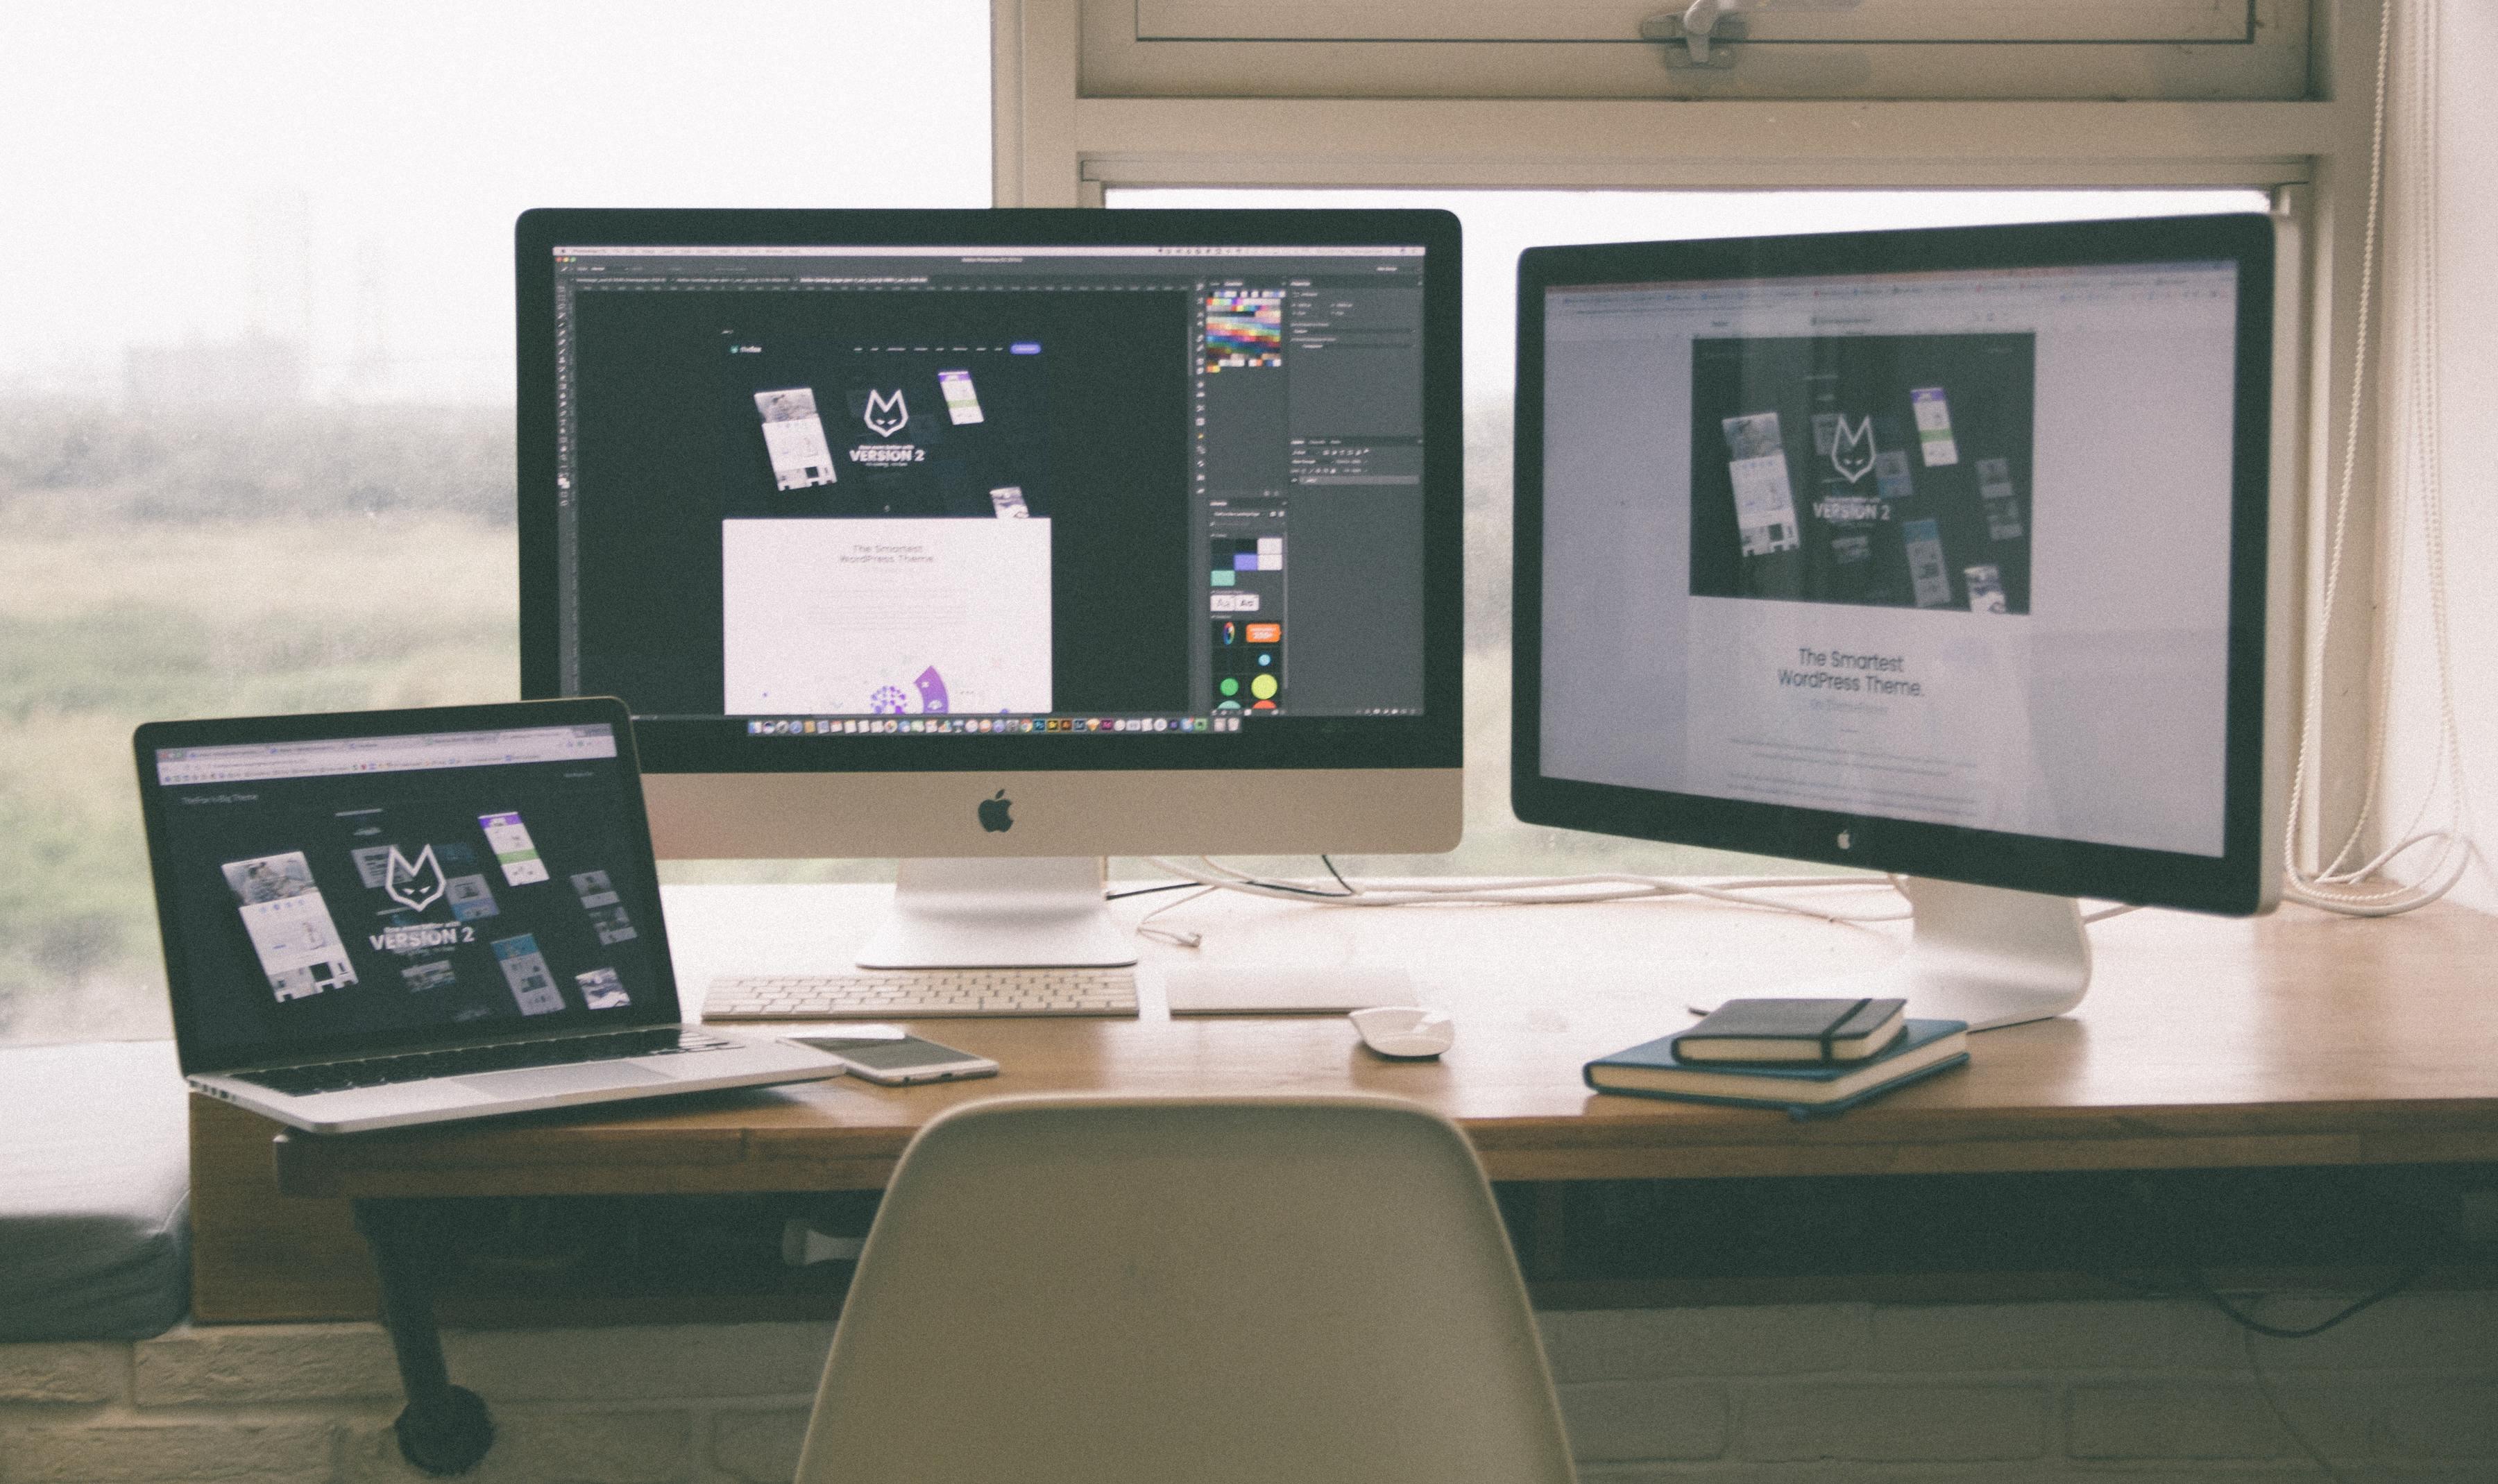 毎月5万人以上が利用する士業・管理部門特化の求人サイト「HUPRO」のUI/UXデザイン